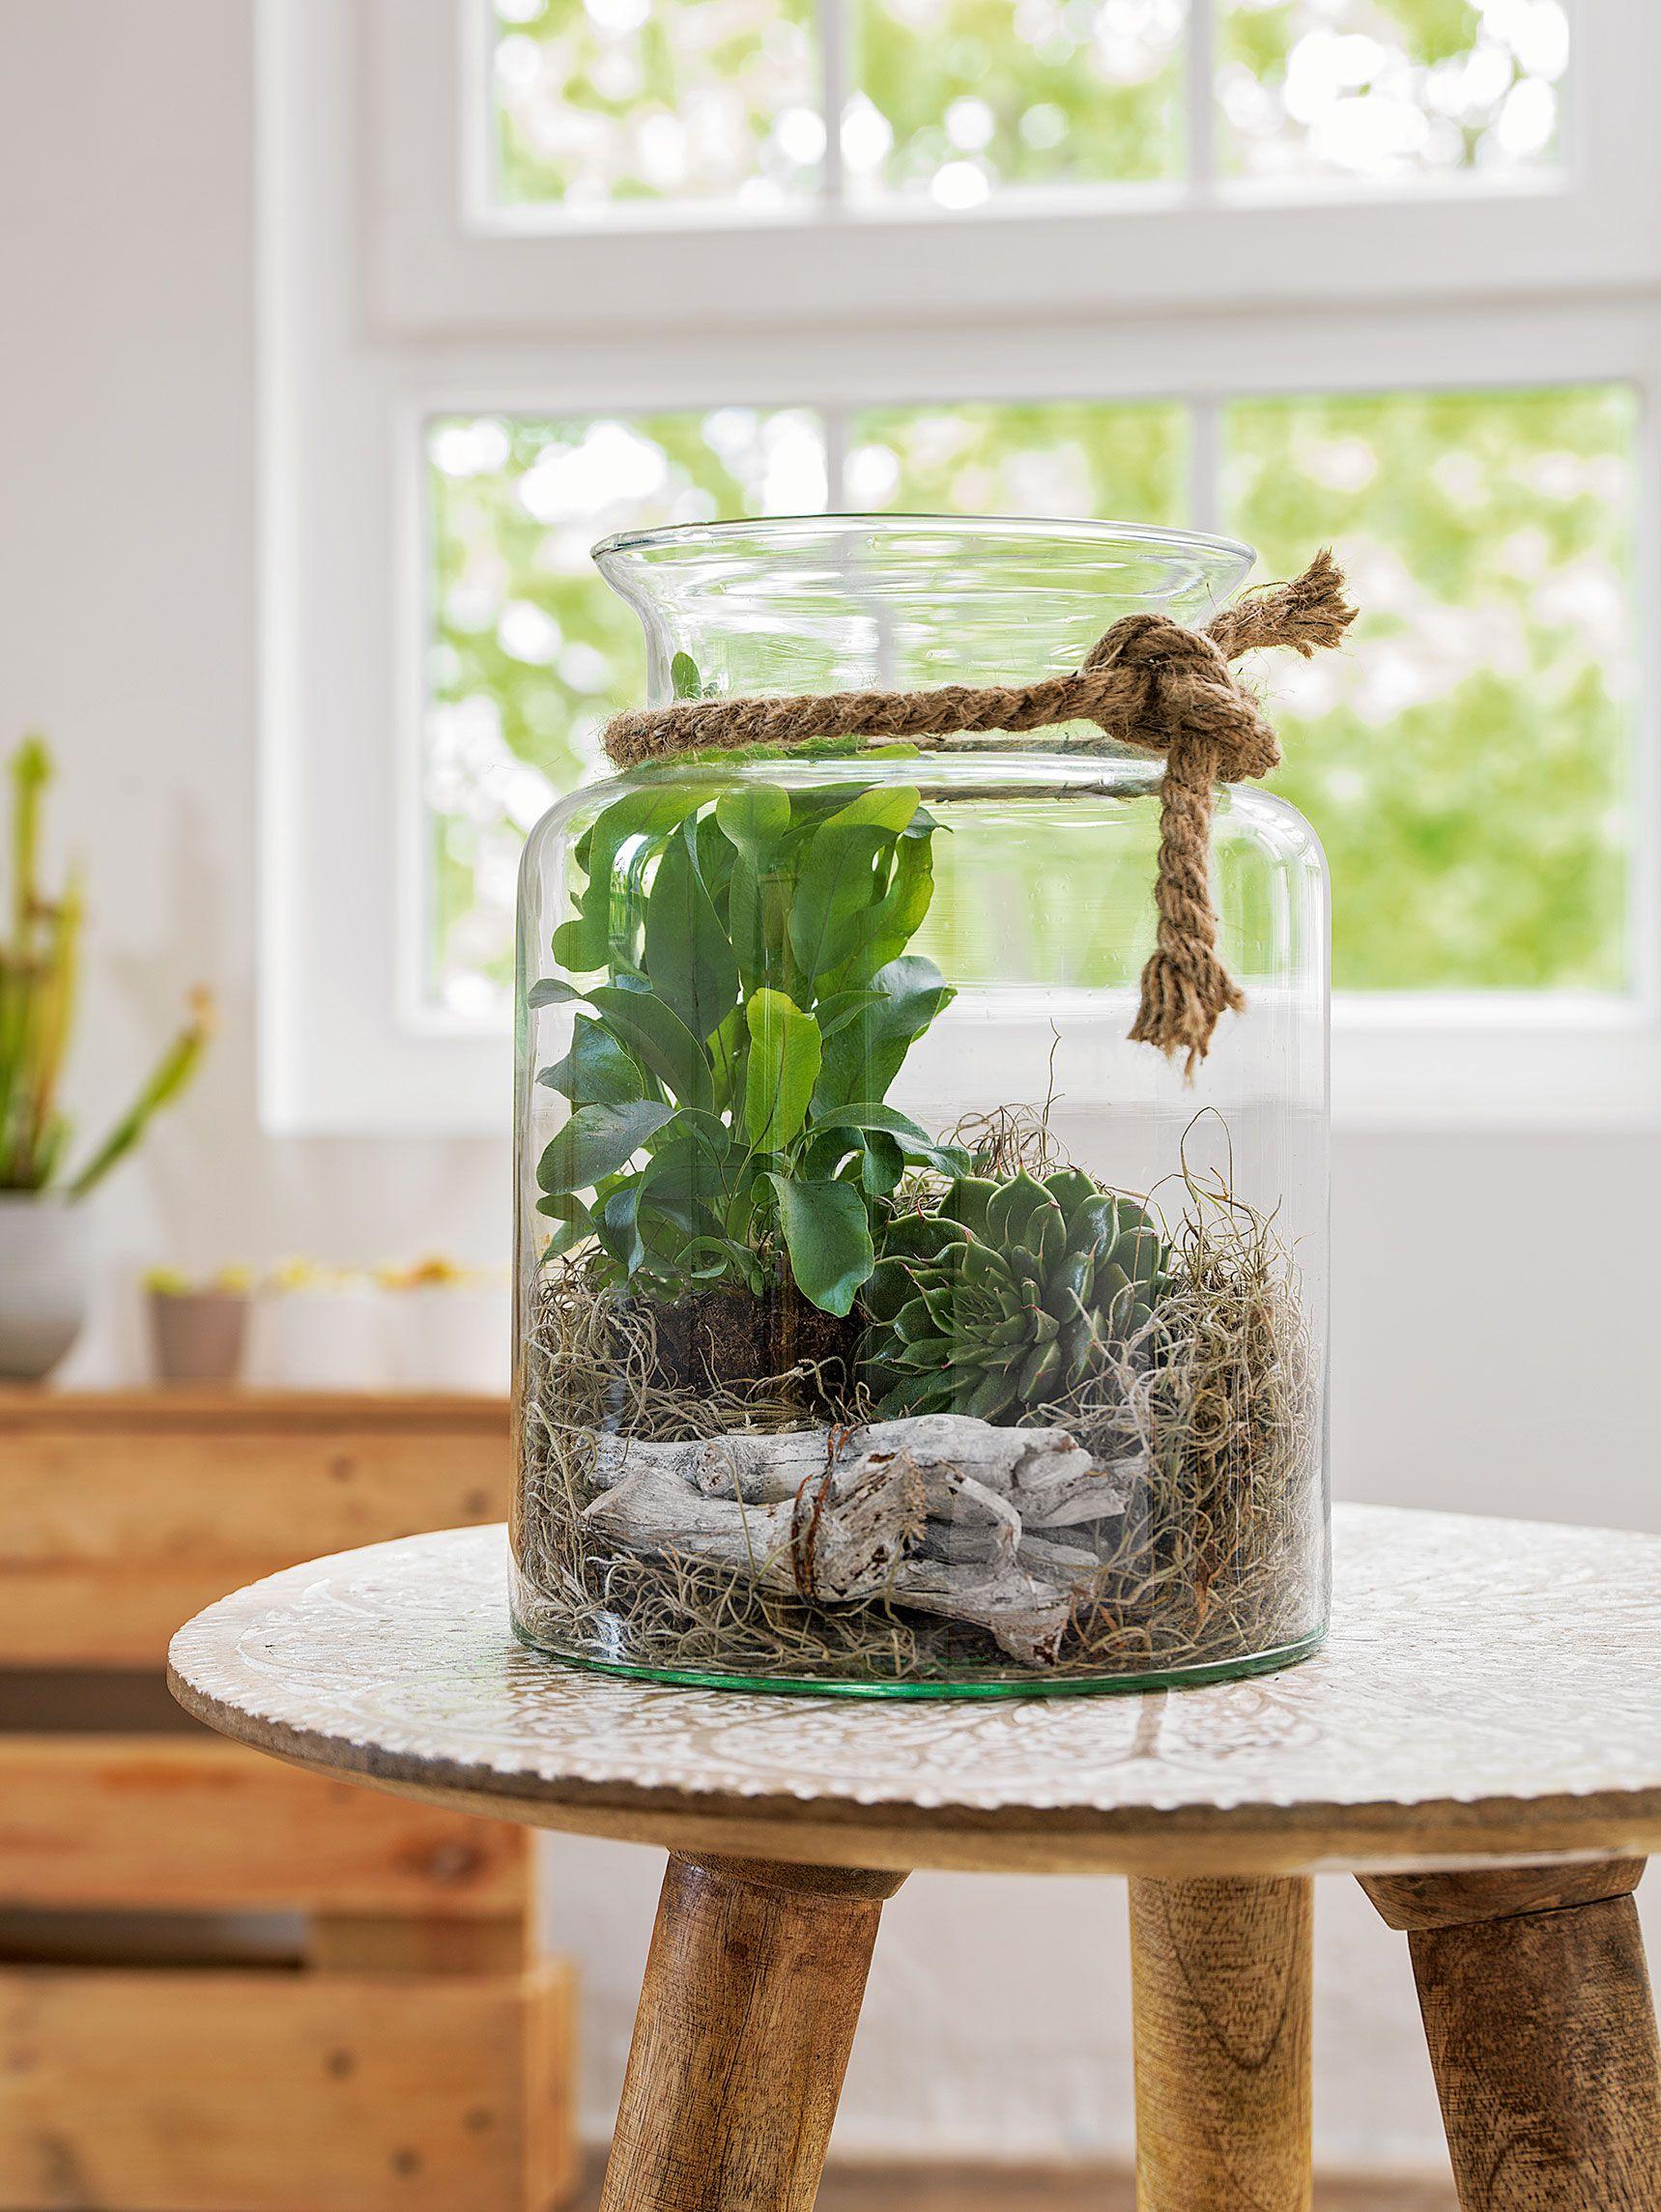 25 B Sta Plante Grasse D Int Rieur Id Erna P Pinterest Plantes Vertes D Appartement